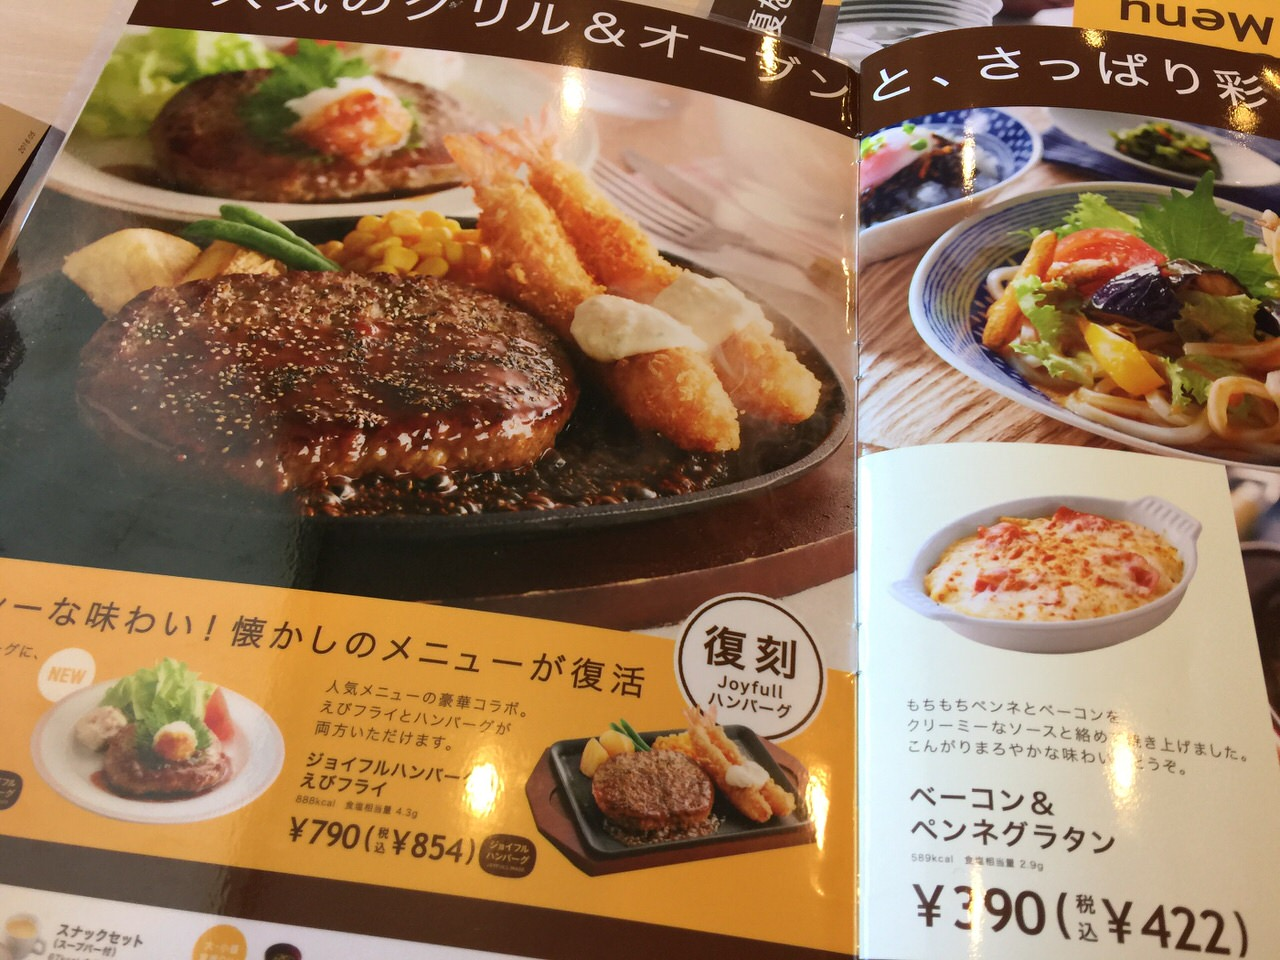 Joyfull yashio 7786